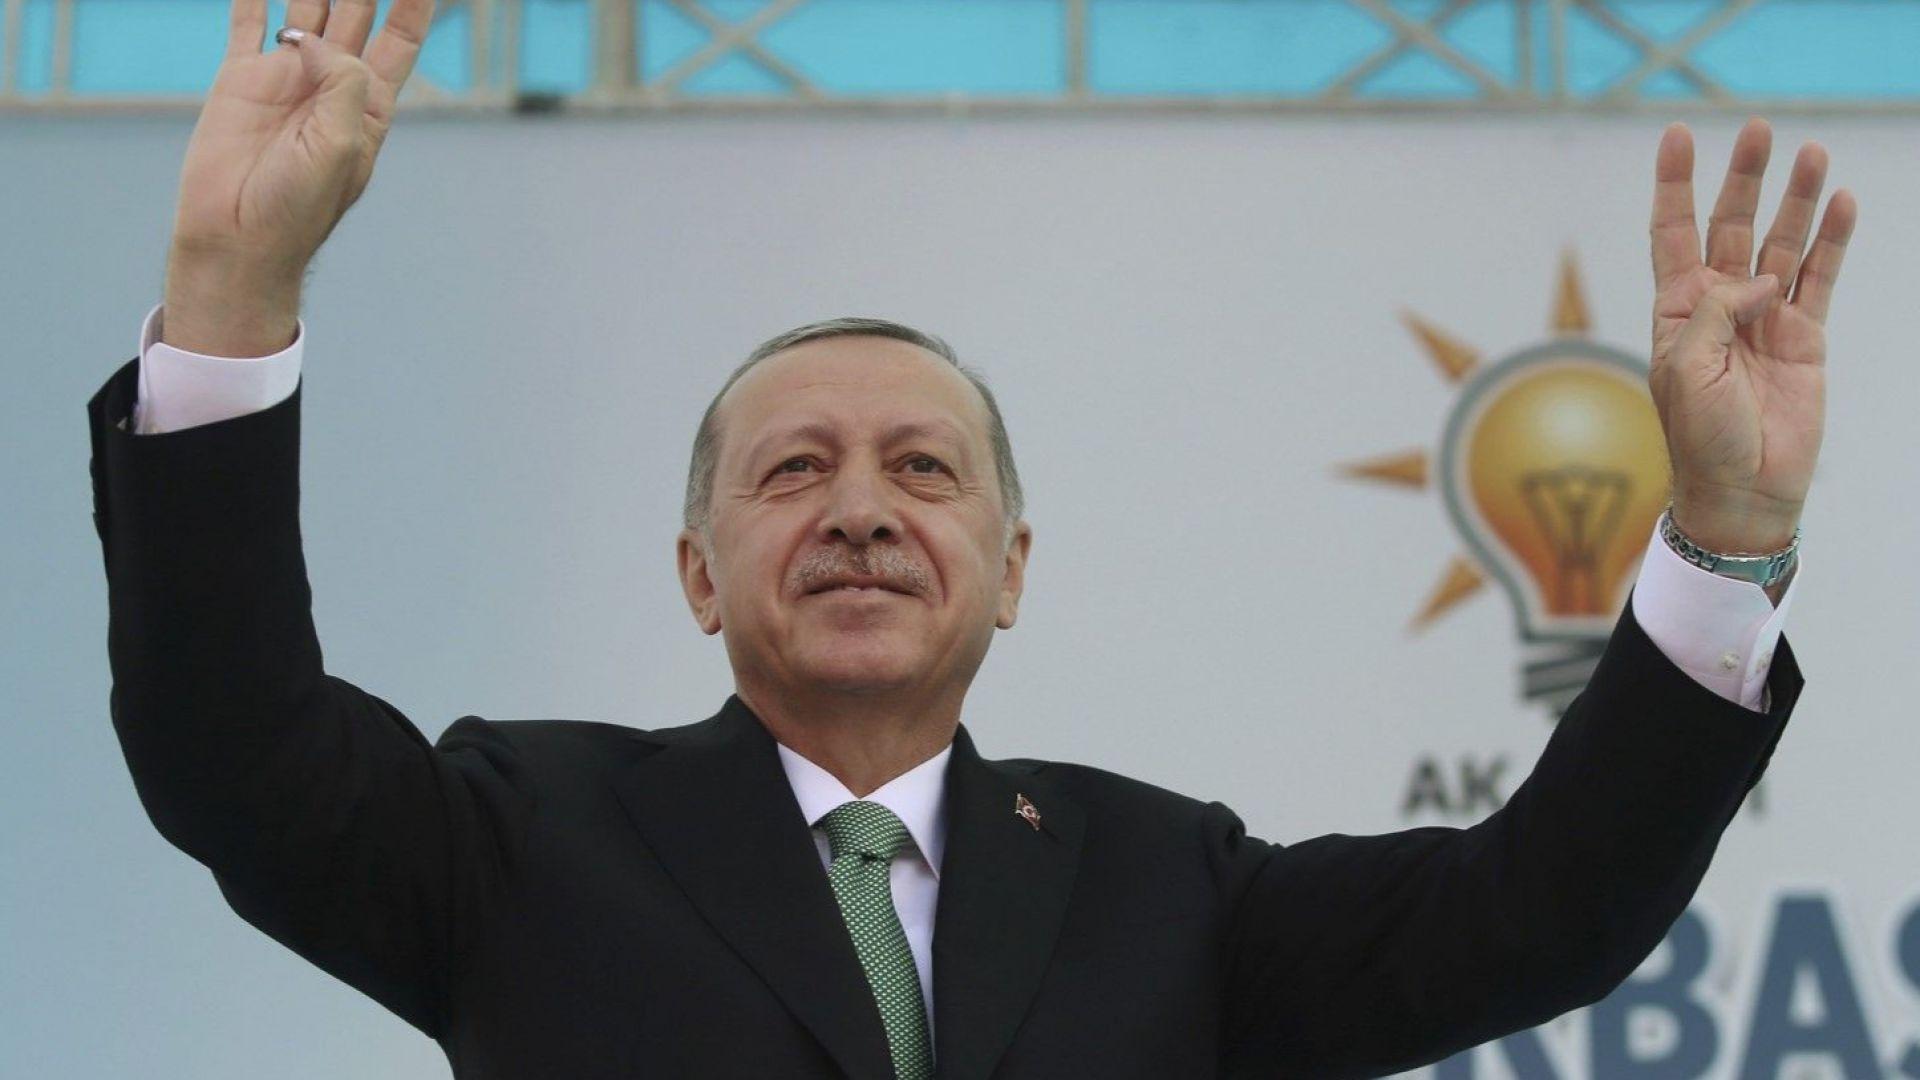 Анкара: САЩ рискуват окончателно да загубят Турция като съюзник